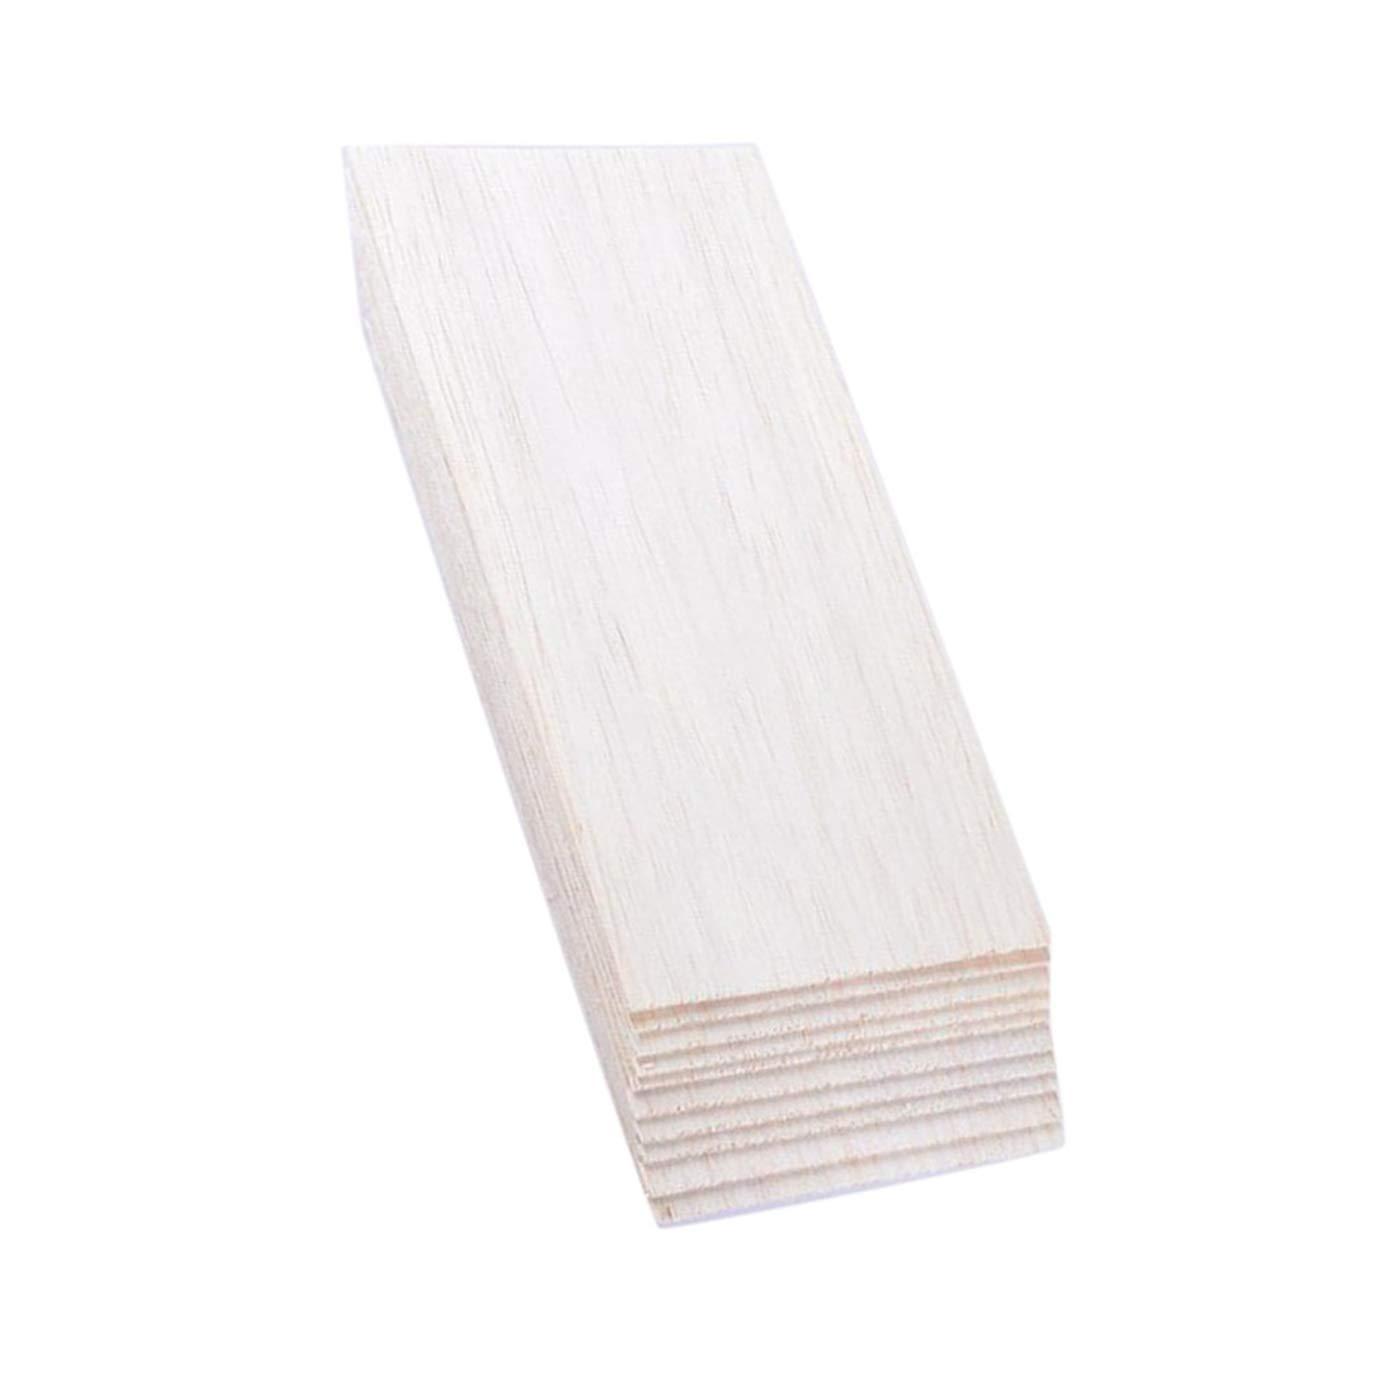 210 mm x 297 mm para manualidades bricolaje marqueter/ía contrachapada superior madera maciza AUPROTEC 5x A4 Placas de madera 8mm Contrachapado de Abedul